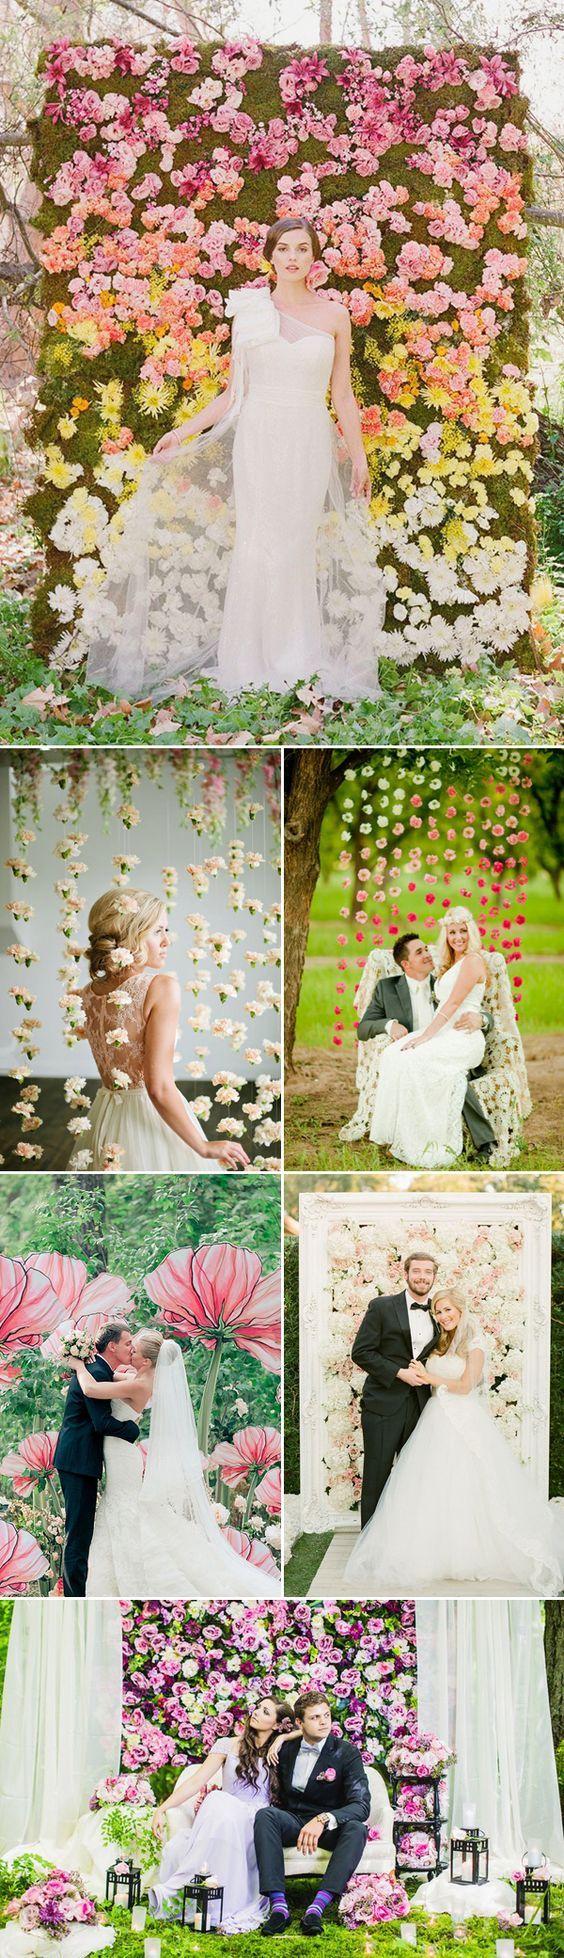 Flores e mais flores para enfeitar as fotos mais lindas de casamento.